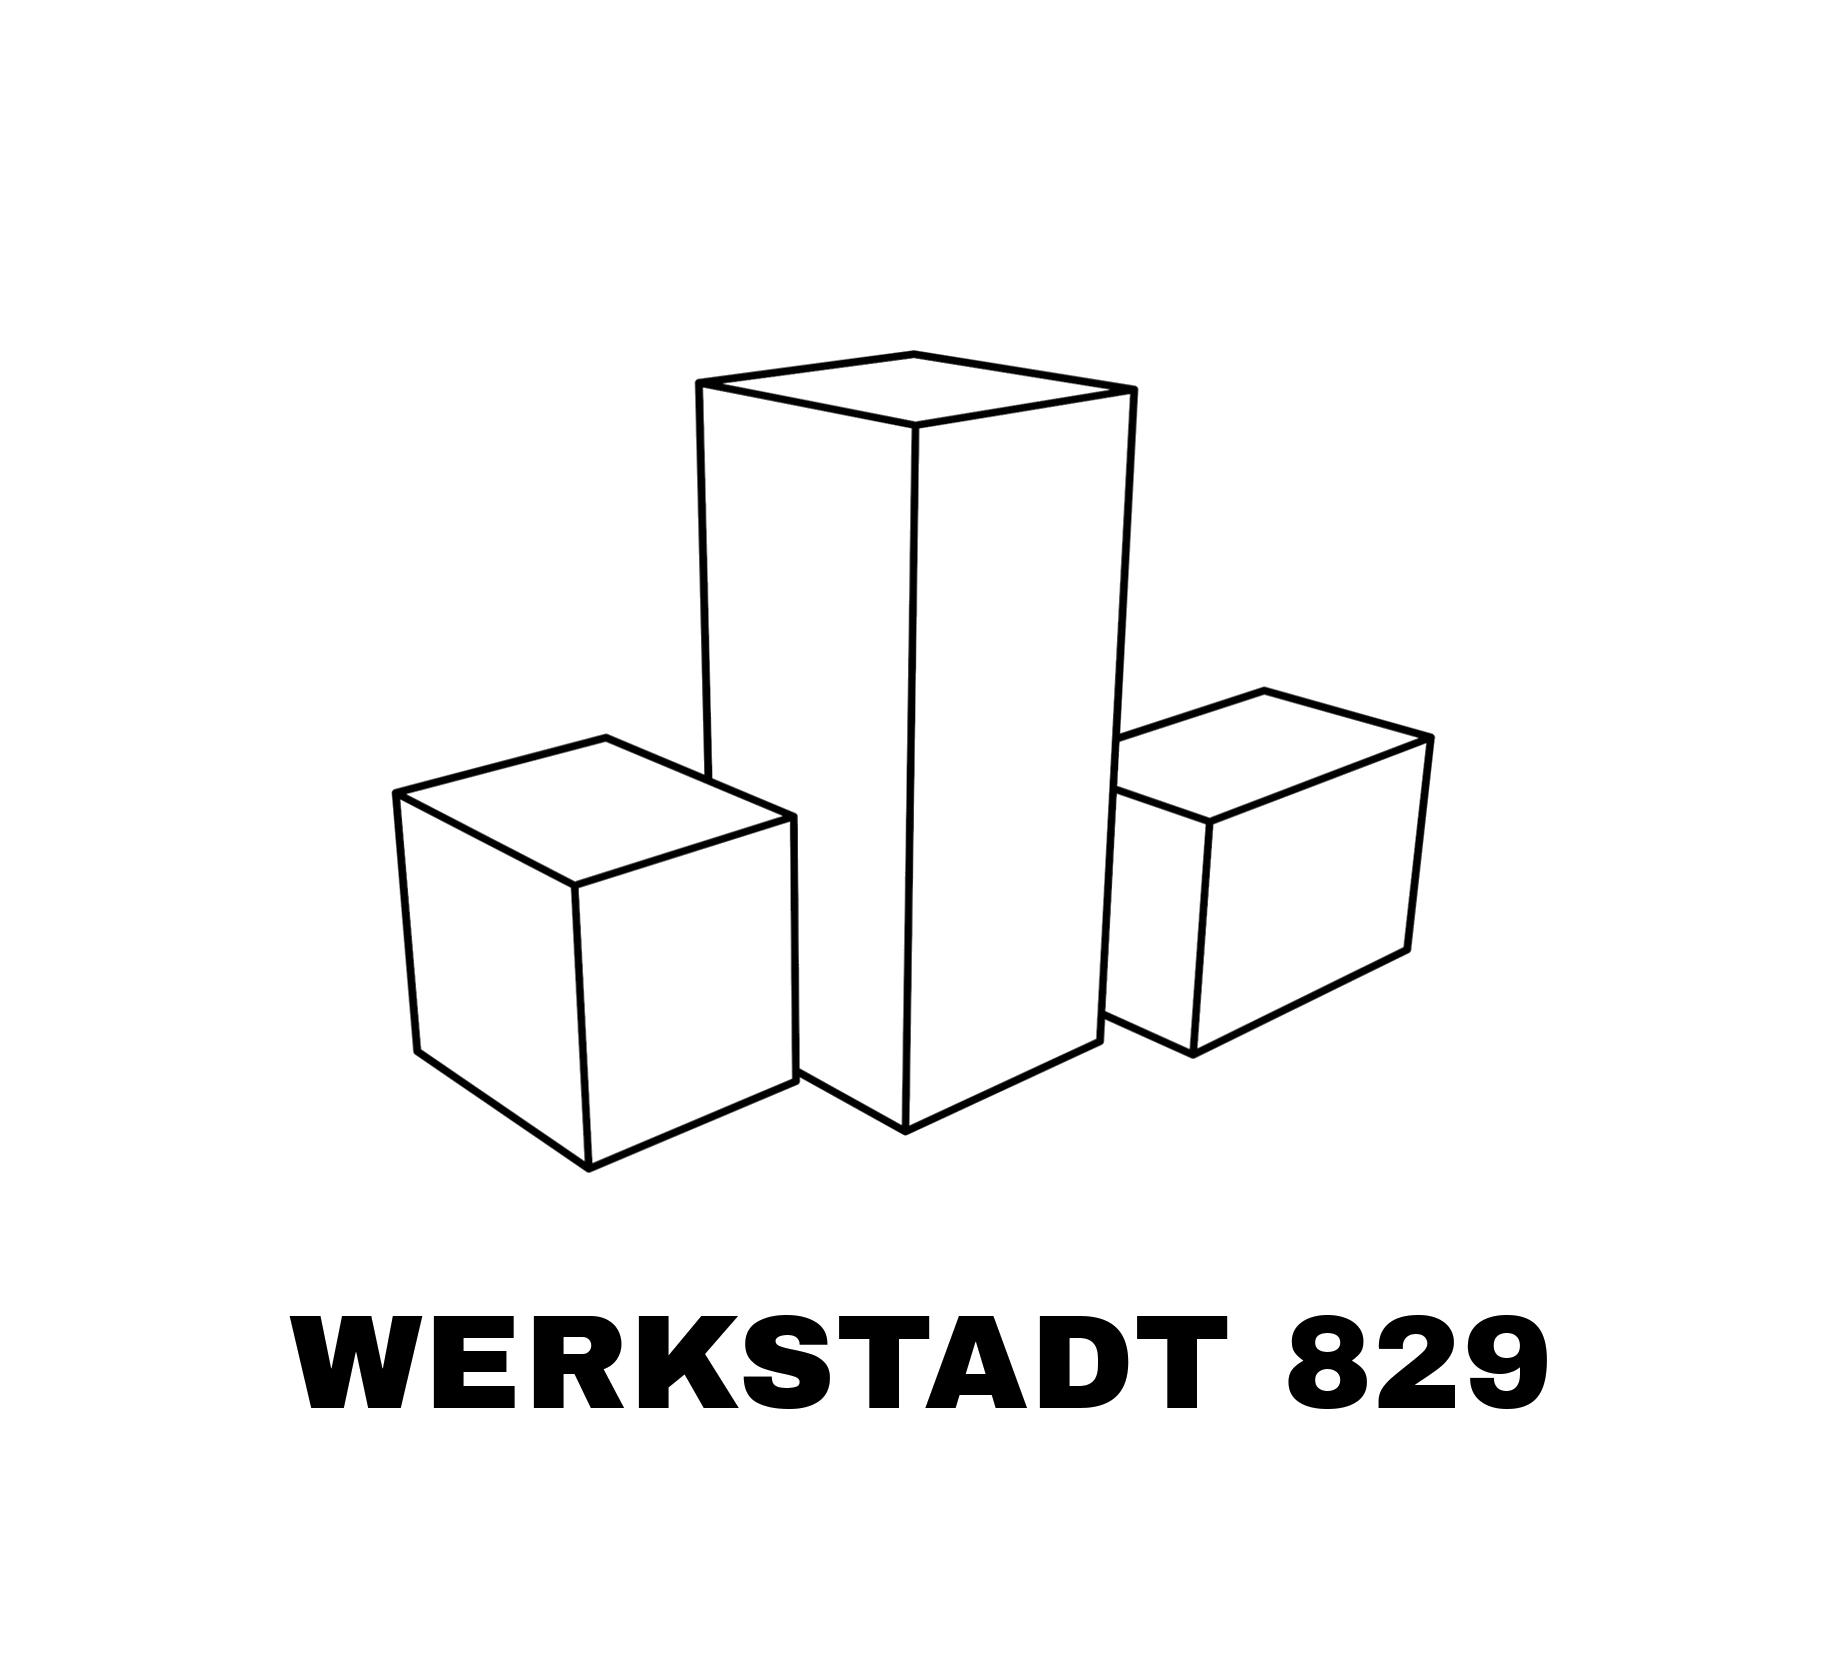 werkstadt829 logo